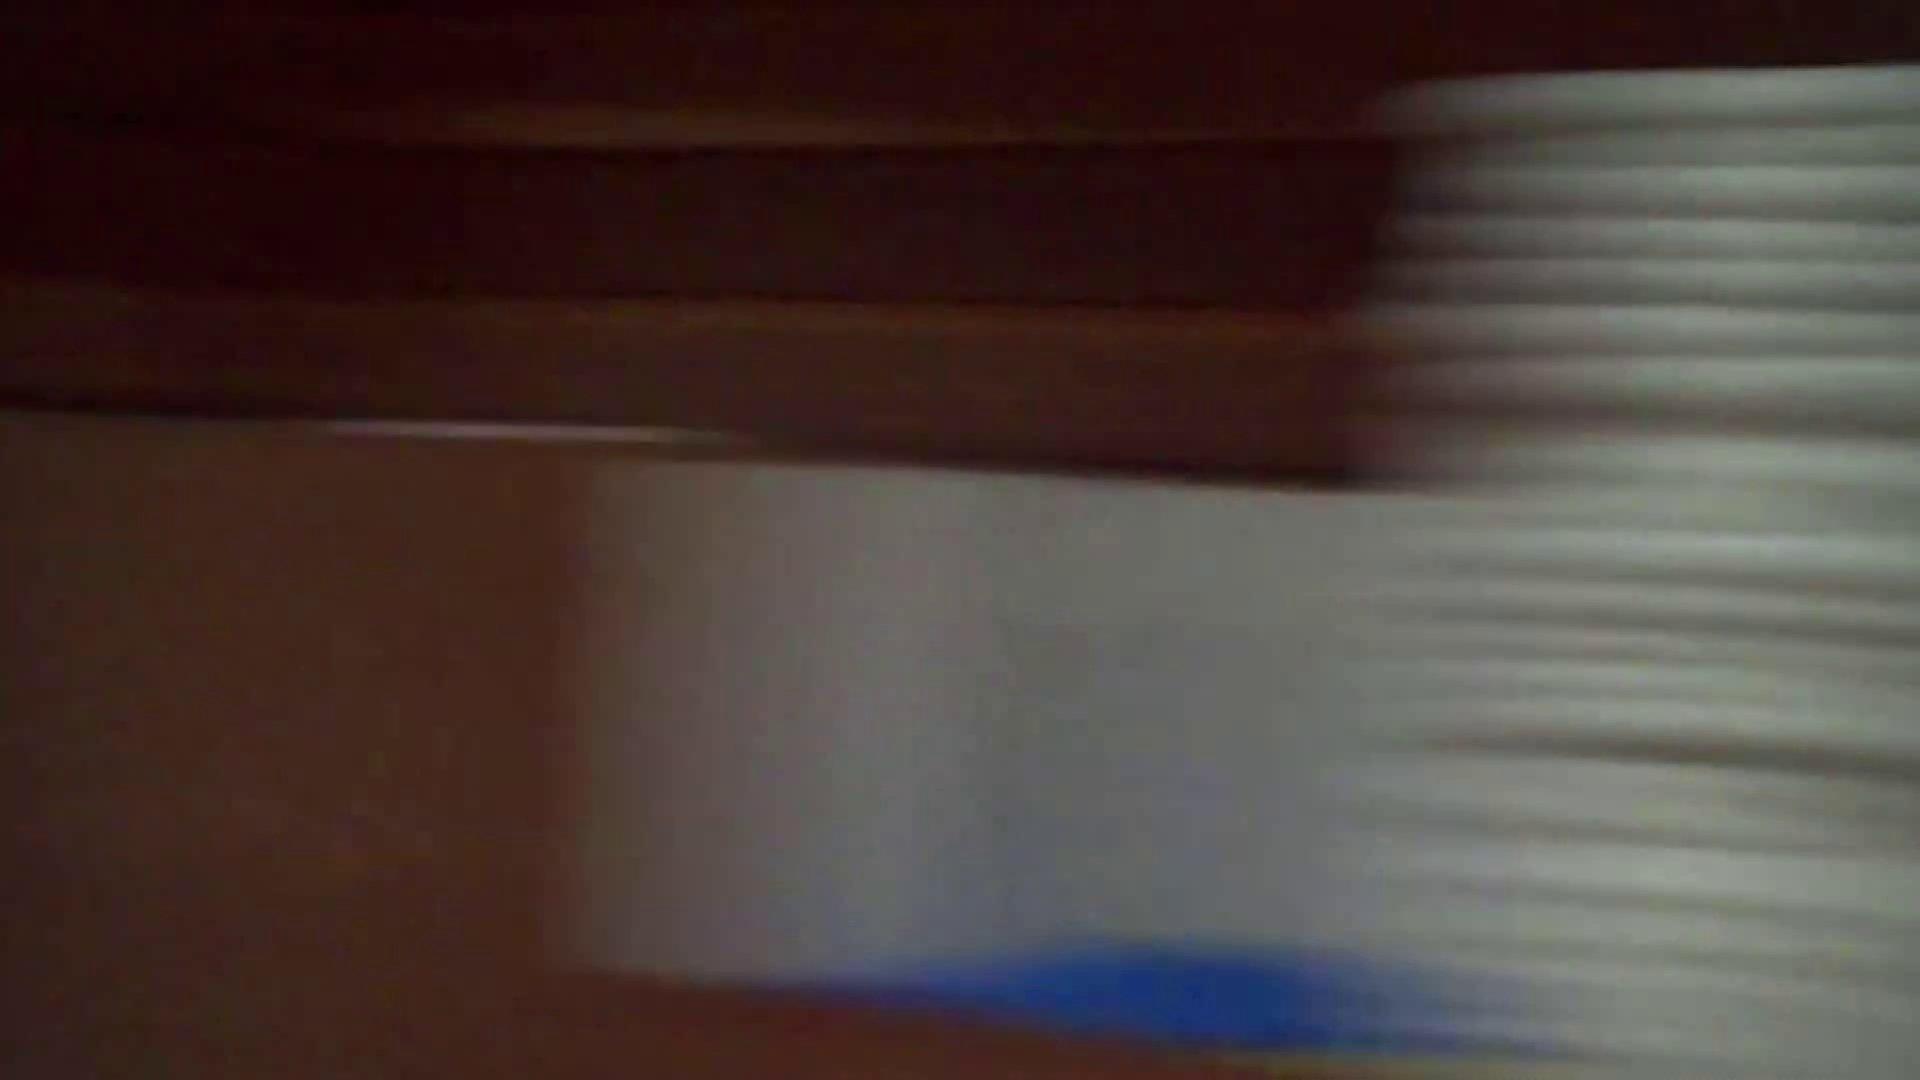 行くぜ!がっつり男風呂!Vol.02 裸  12画像 6